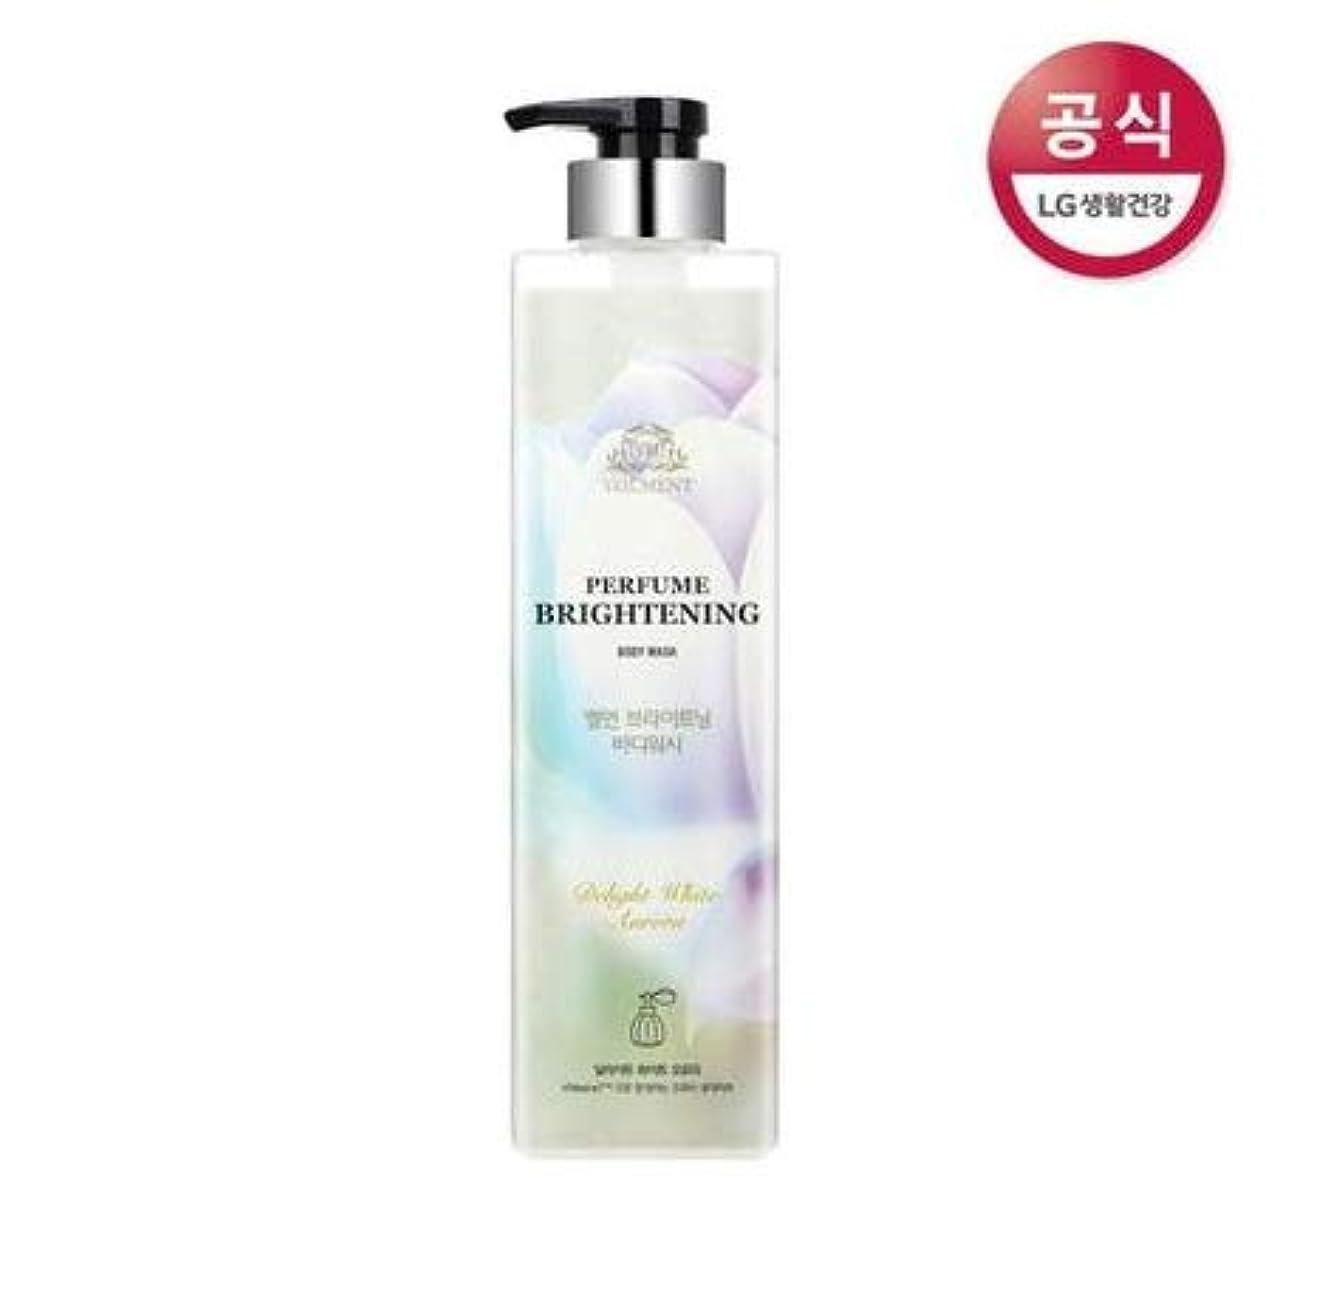 カブテレビ概念[LG HnB] On the Body Belman Perfume Brightening Body Wash / オンザボディベルモンパフュームブライトニングボディウォッシュ680mlx1個(海外直送品)